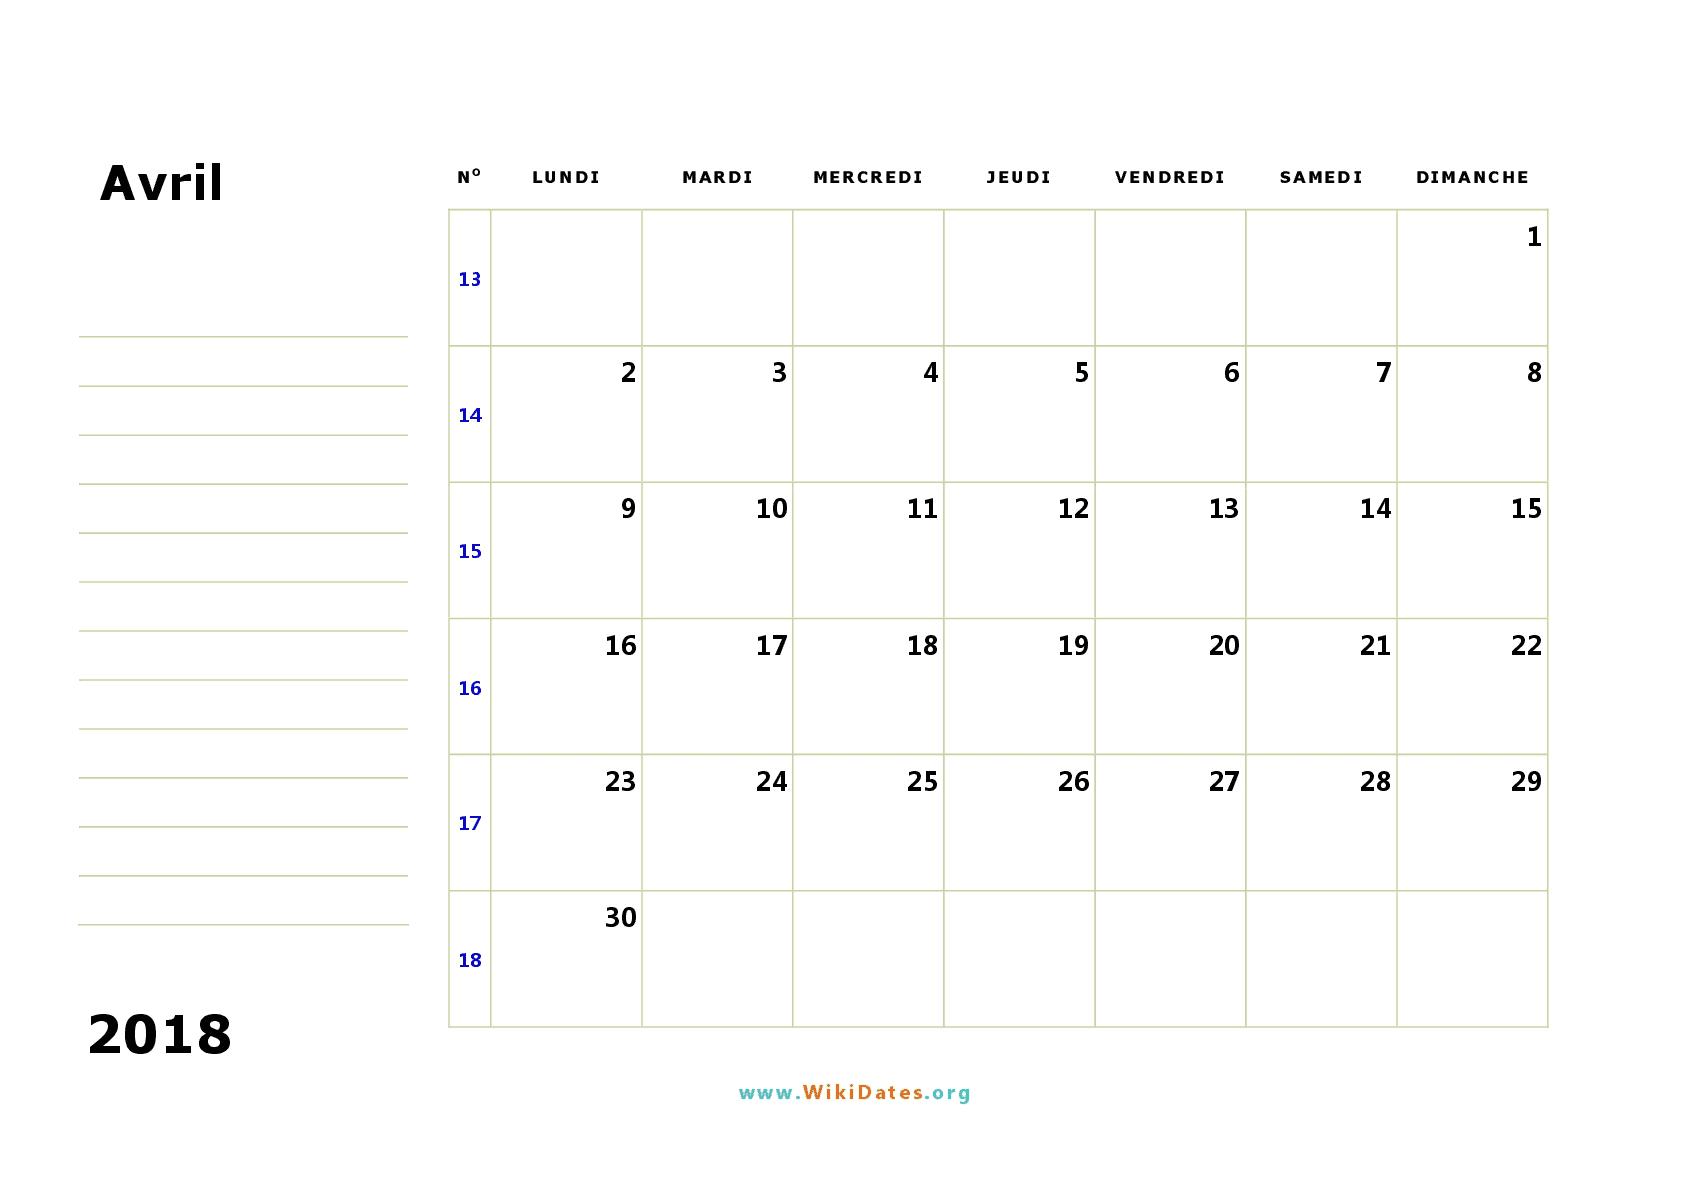 Calendrier avril 2018 imprimer calendriers imprimables pdf - Calendrier du mois de juin 2017 ...